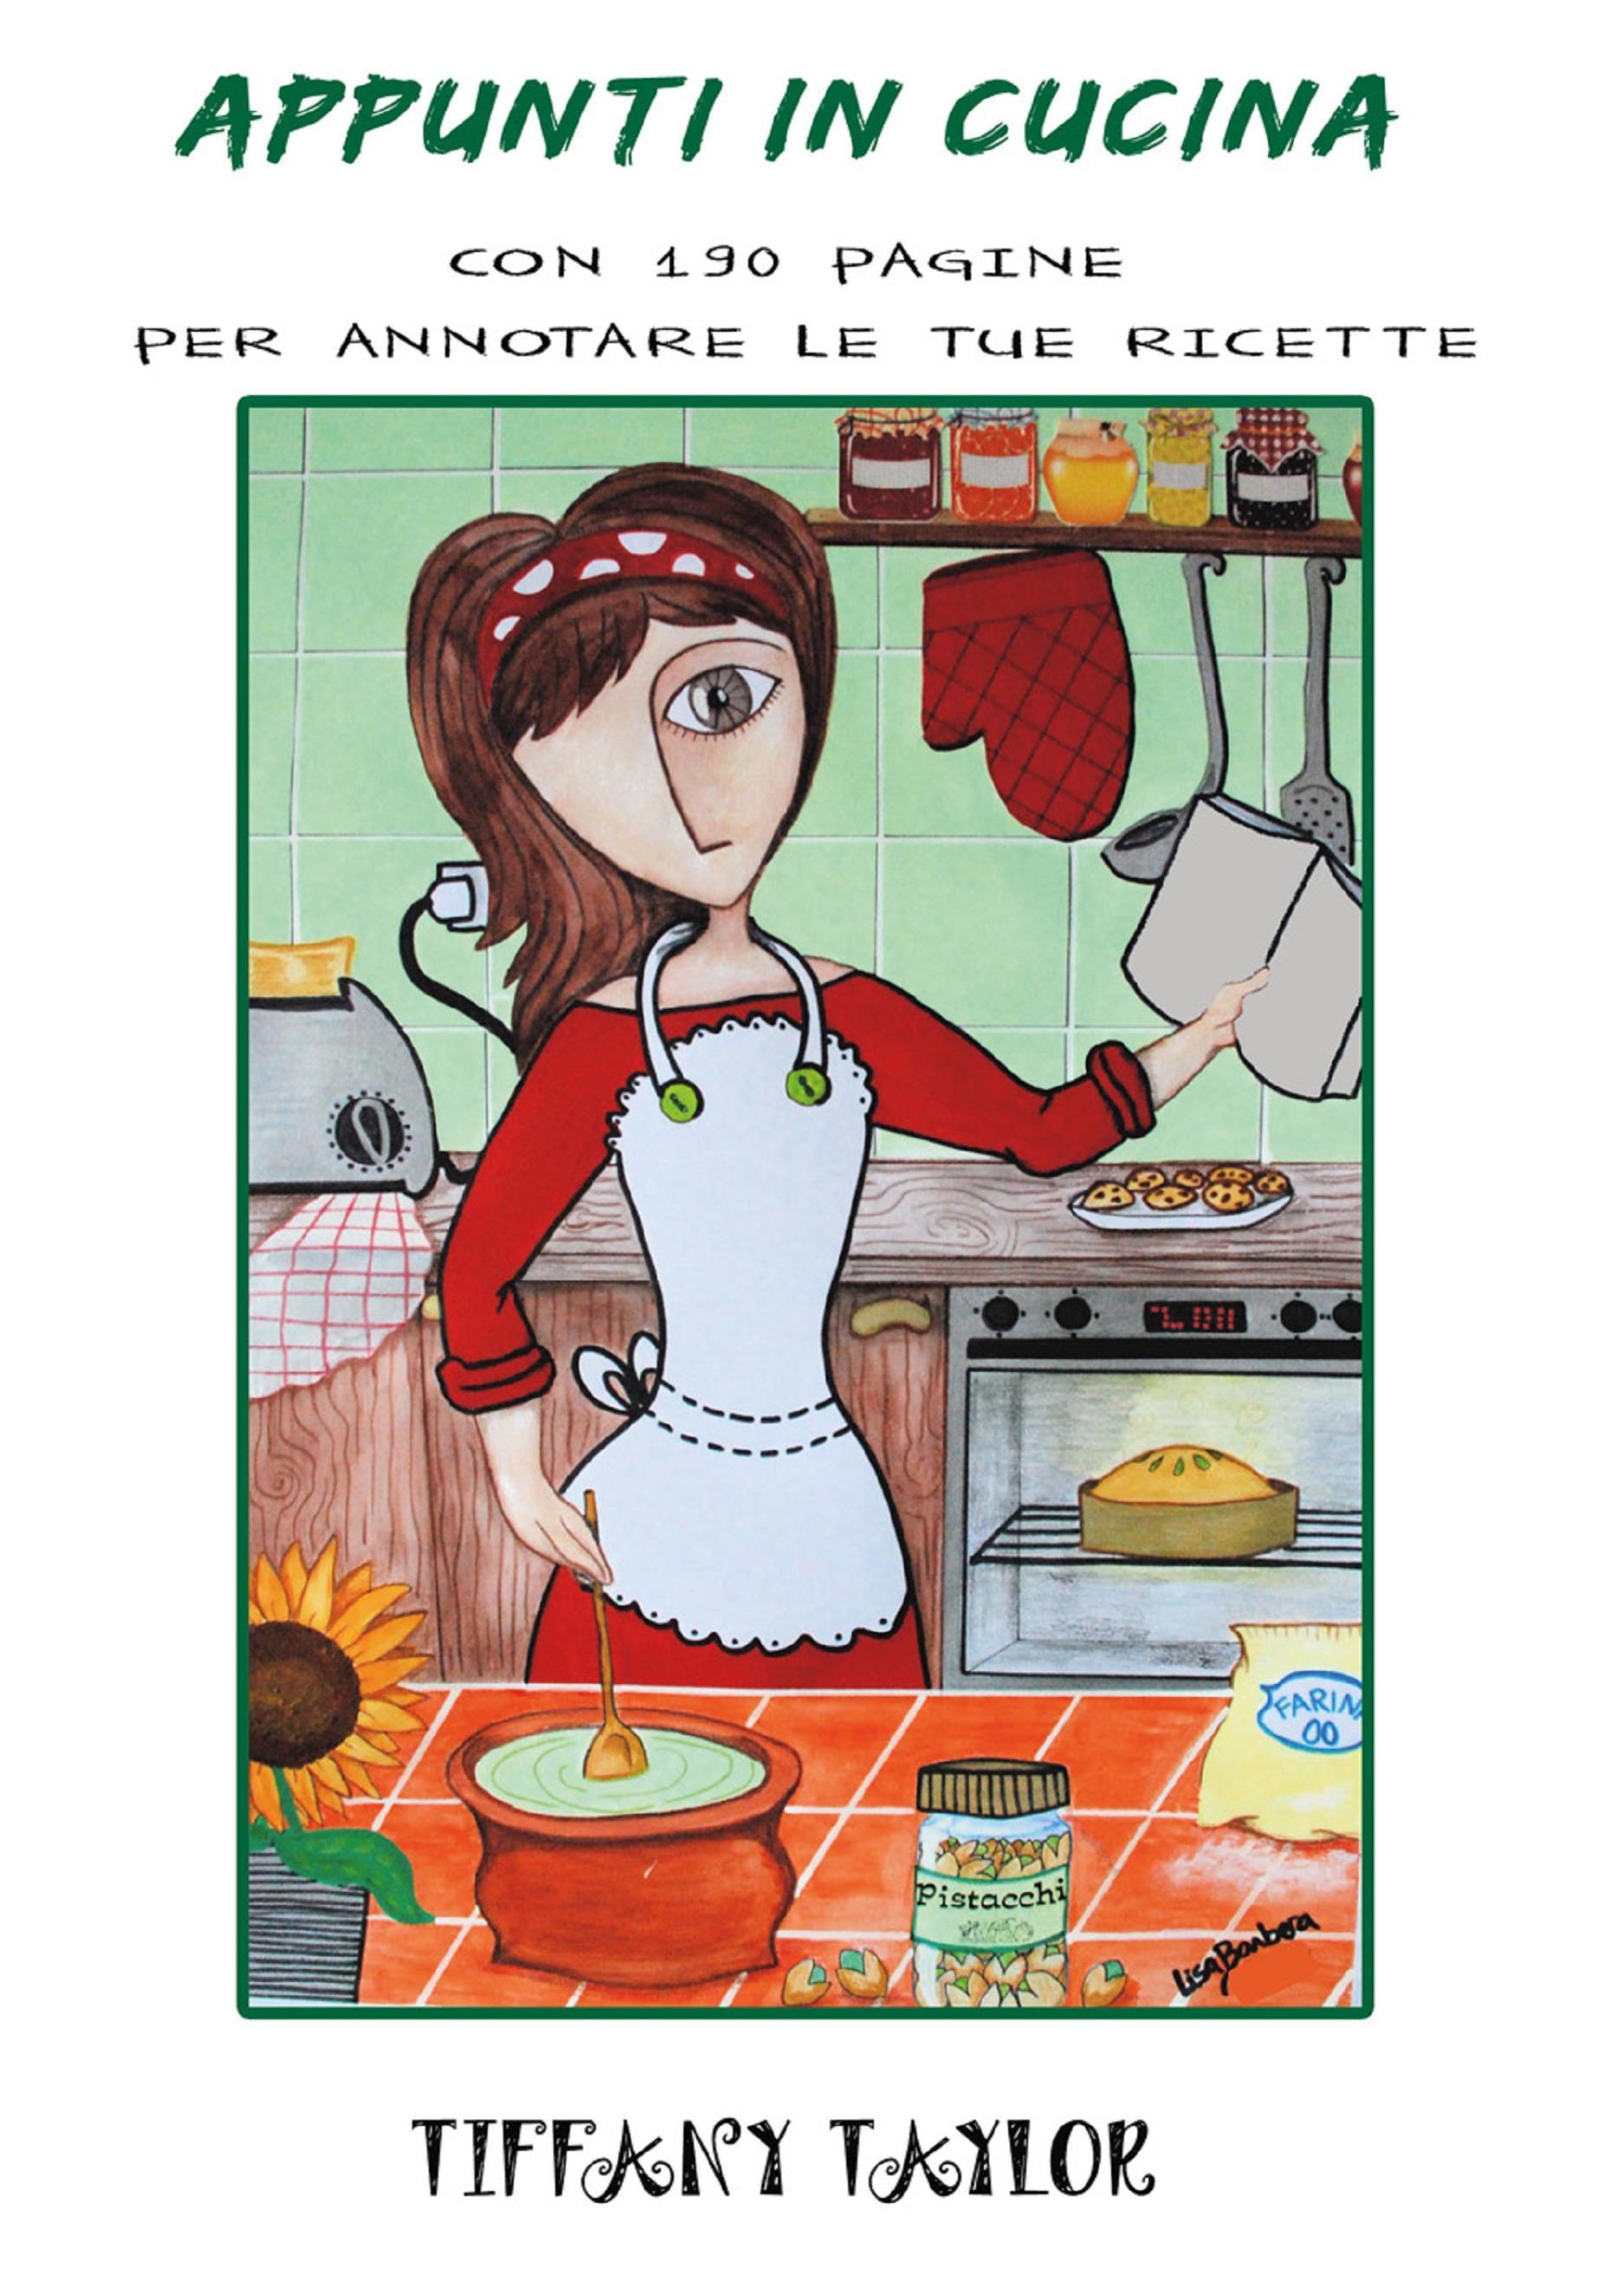 Appunti in cucina con 190 pagine per annotare le tue ricette